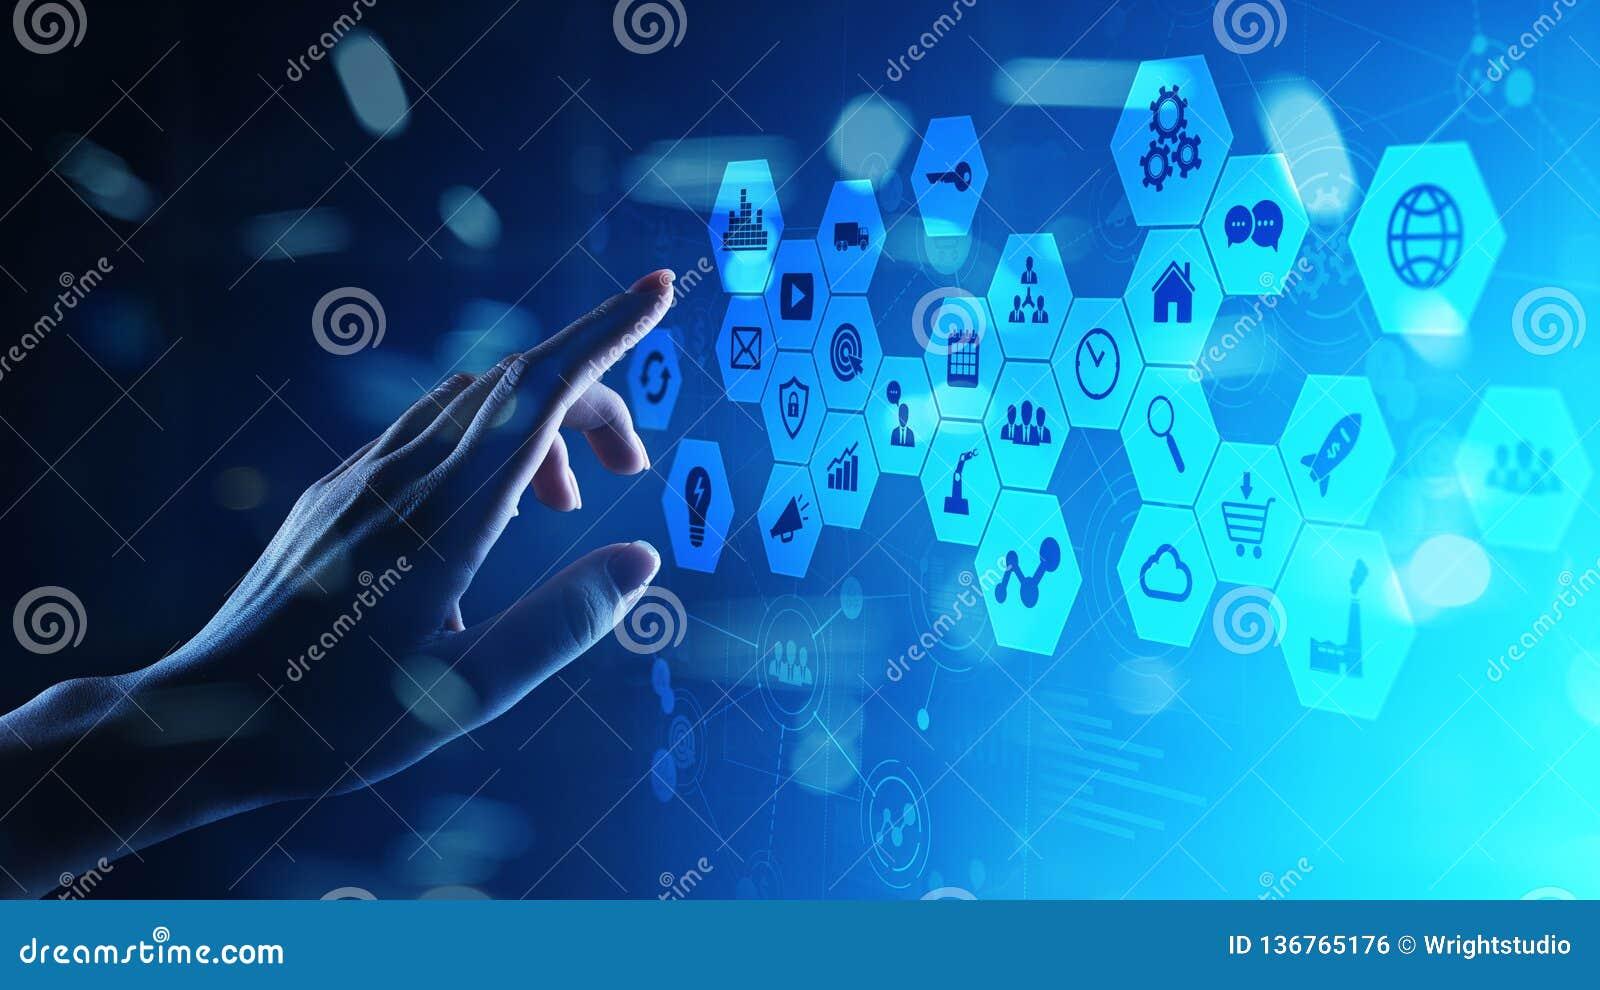 Μικτά μέσα, εικονίδια επιχειρηματικής κατασκοπείας στην εικονική οθόνη, την ανάλυση και τα μεγάλα στοιχεία - ταμπλό επεξεργασίας